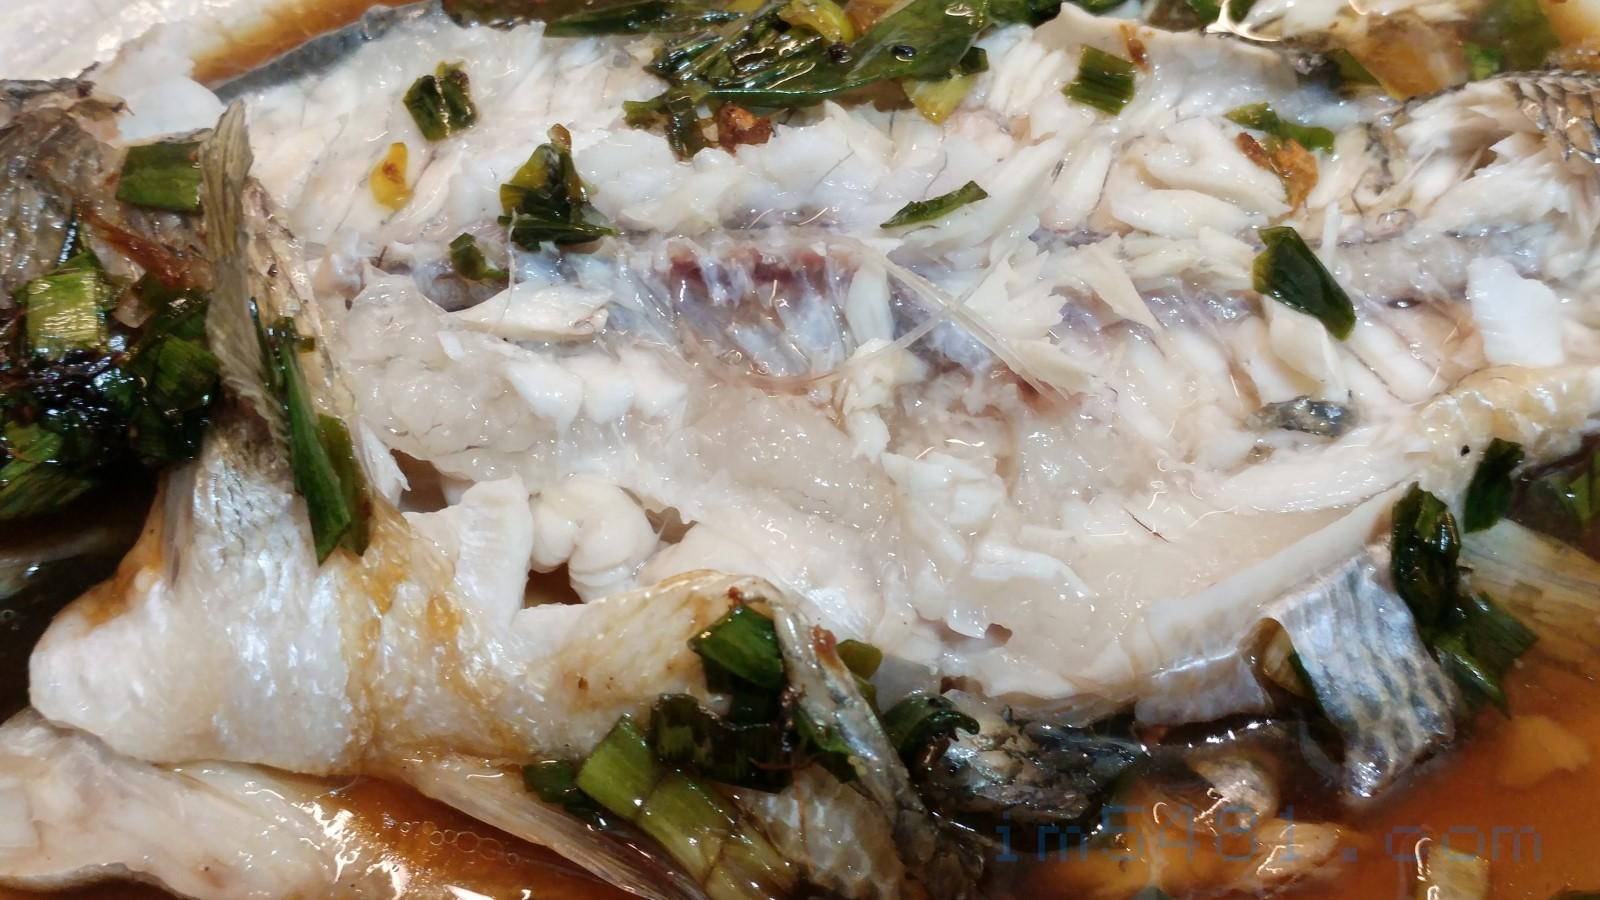 檸檬加州鱸魚腹部的脂肪檸檬香最濃